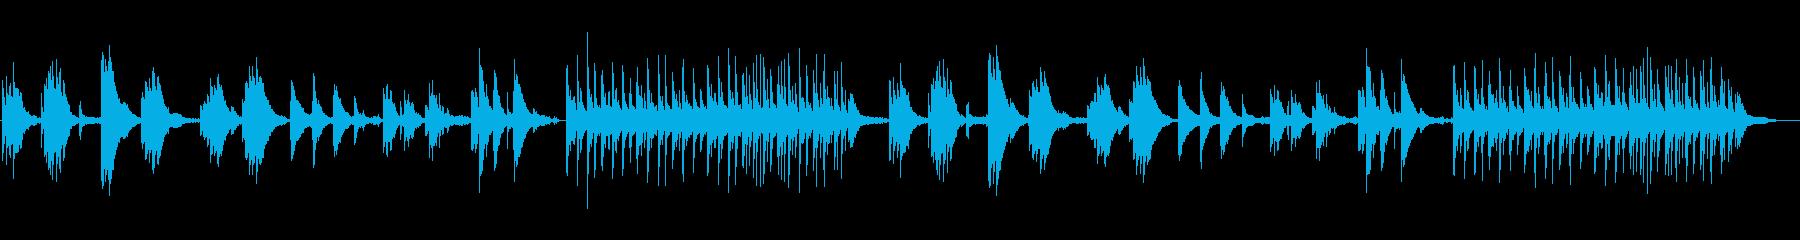 鳥の声と環境音楽のオープンワールド風の再生済みの波形